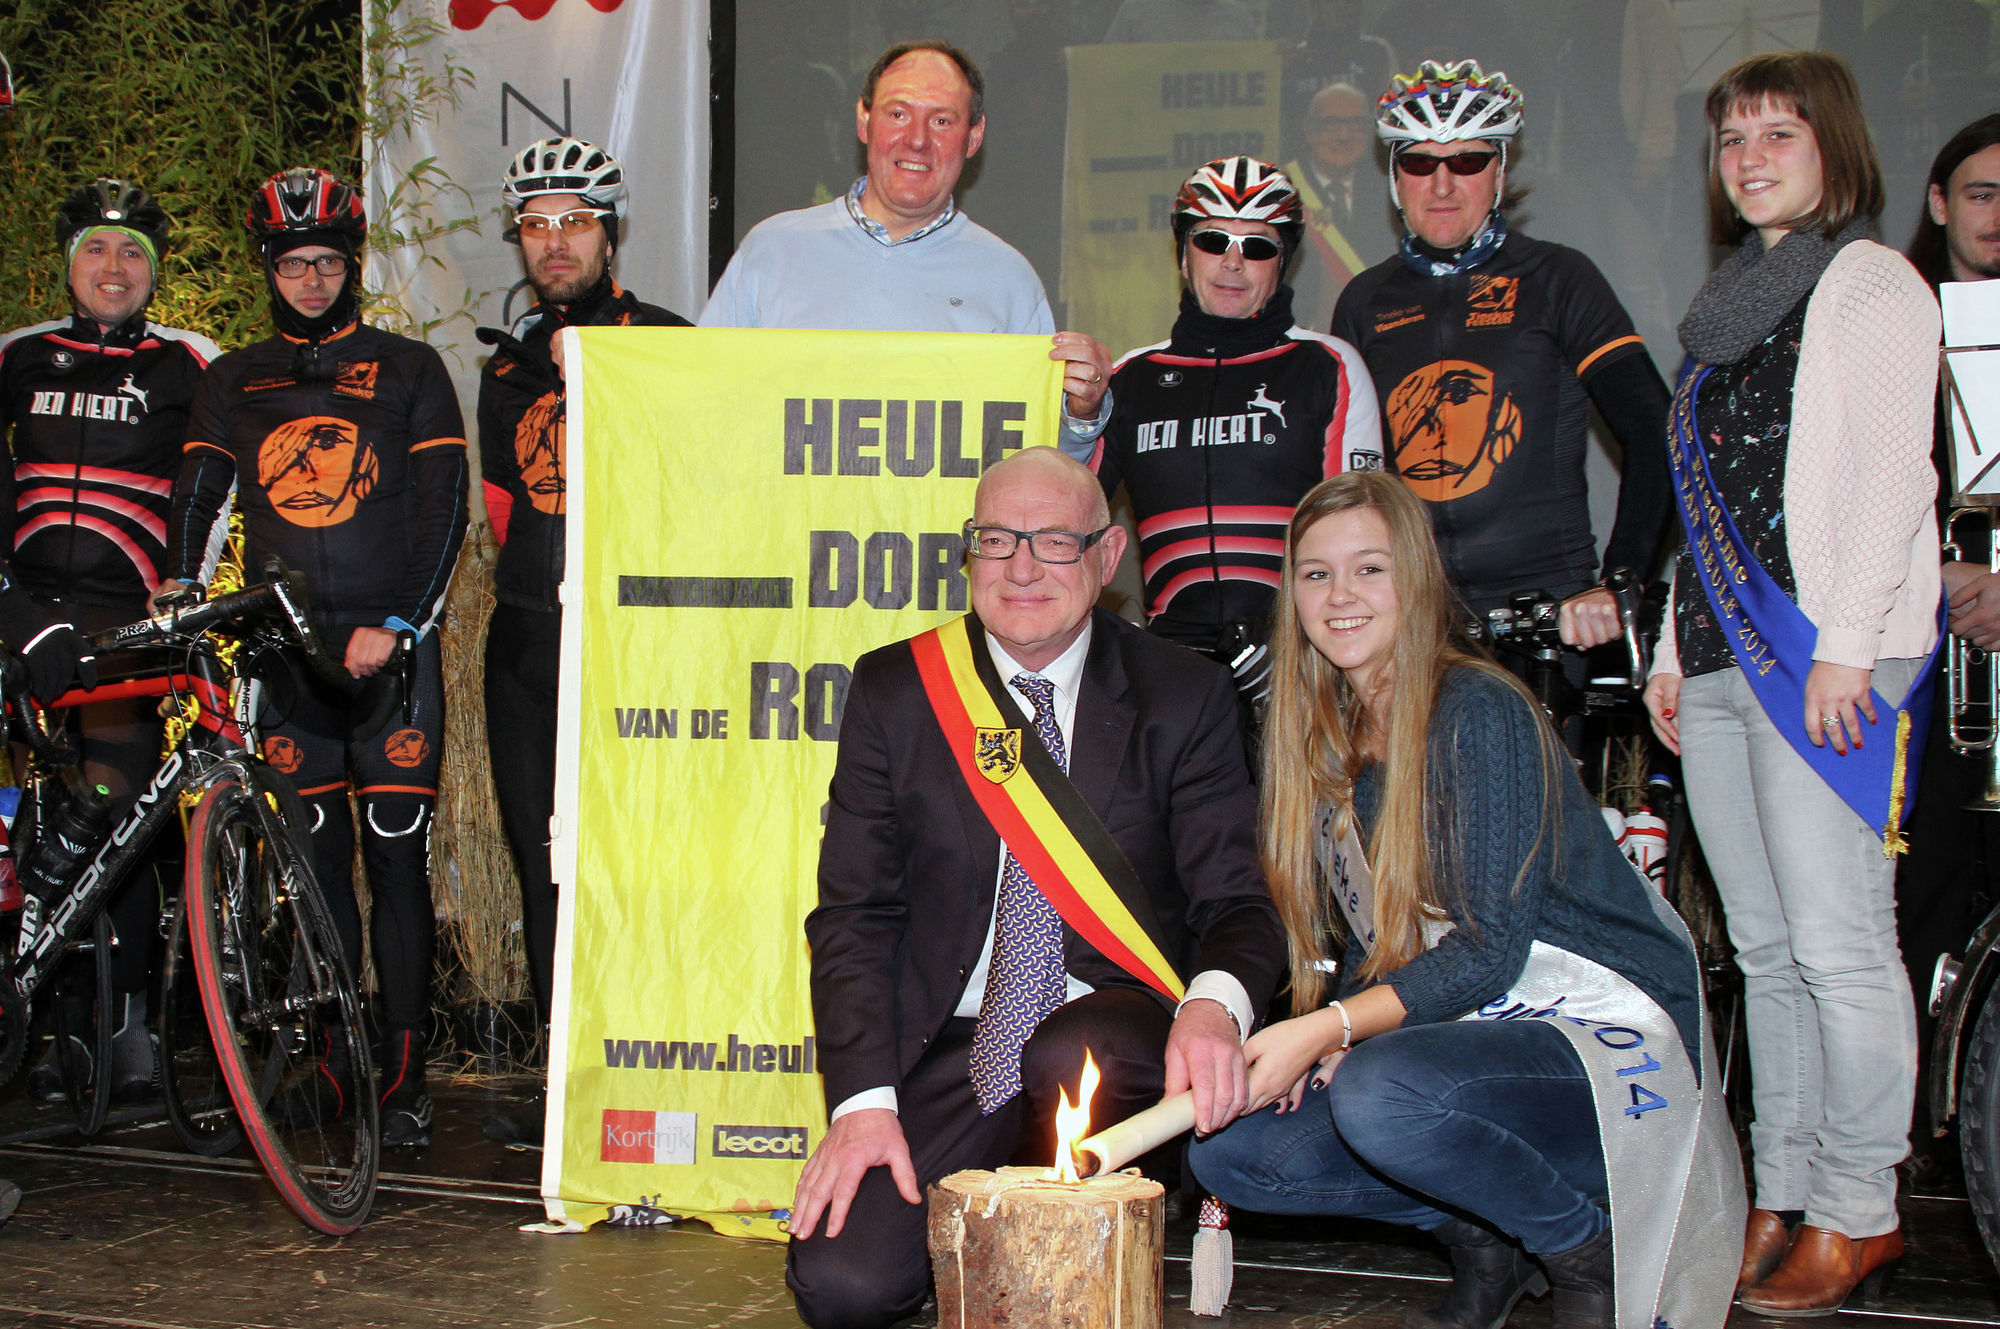 Dorp van de Ronde 2015